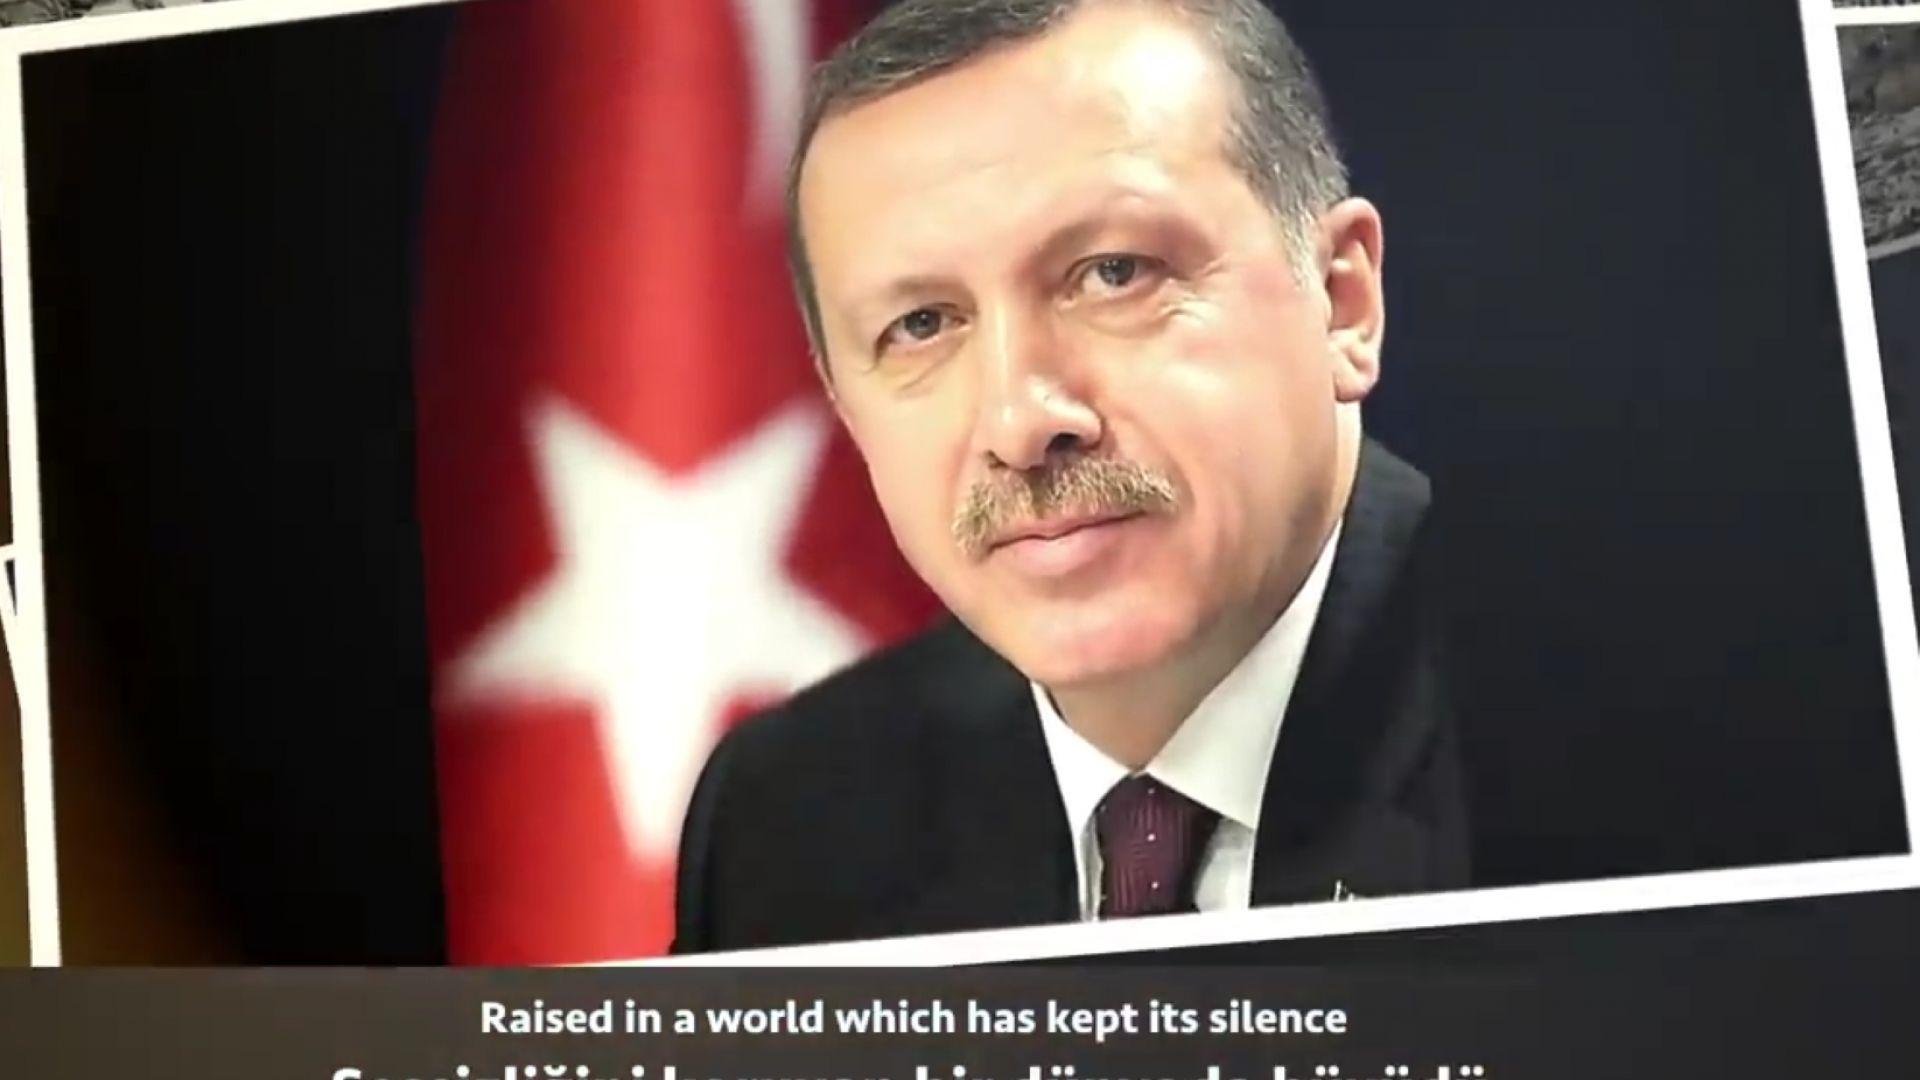 Eрдоган: Отмяната на смъртното наказание беше грешка, дразни ме да храним затворници